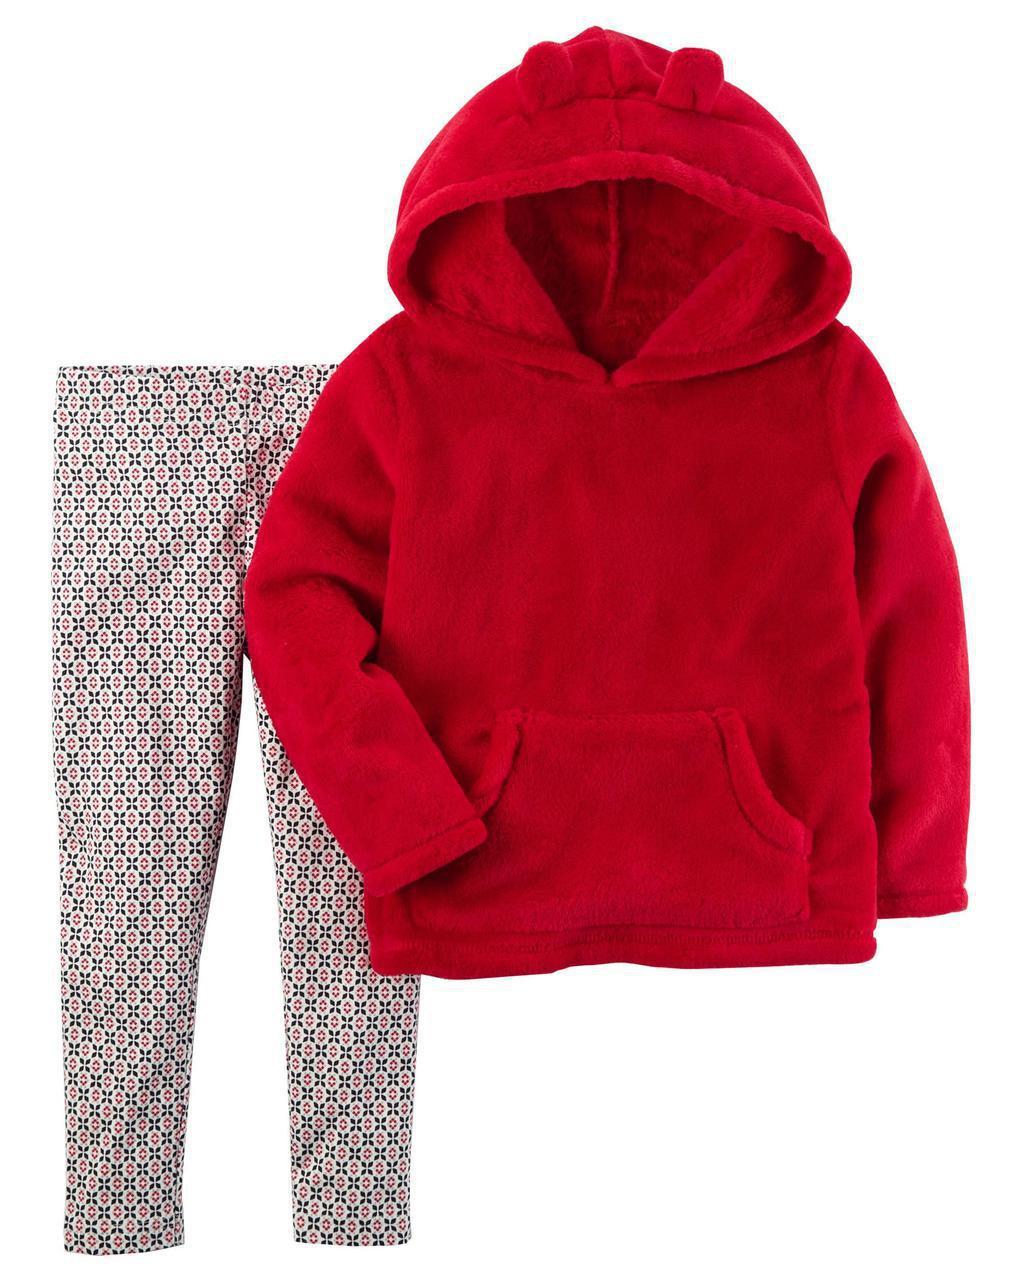 Леггинсы + Теплый пуловер Carters для девочки 12 мес 72-78 см. Набор из 2-х частей